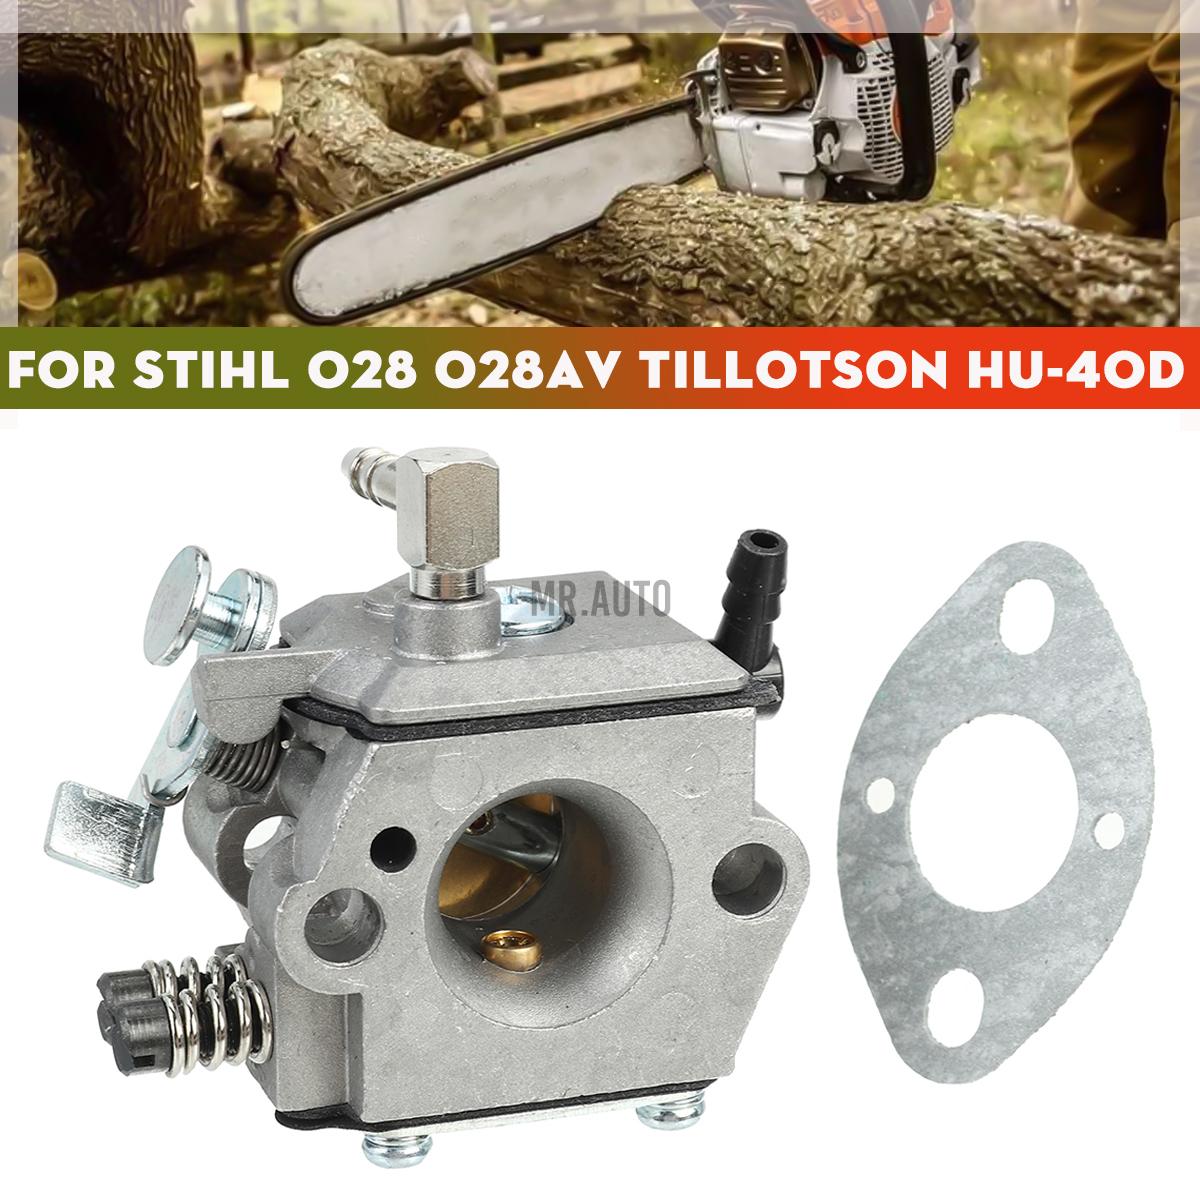 คาร์บูเรเตอร์สําหรับ Stihl 028av Tillotson Hu - 40 D Walbro Wt - 16 B